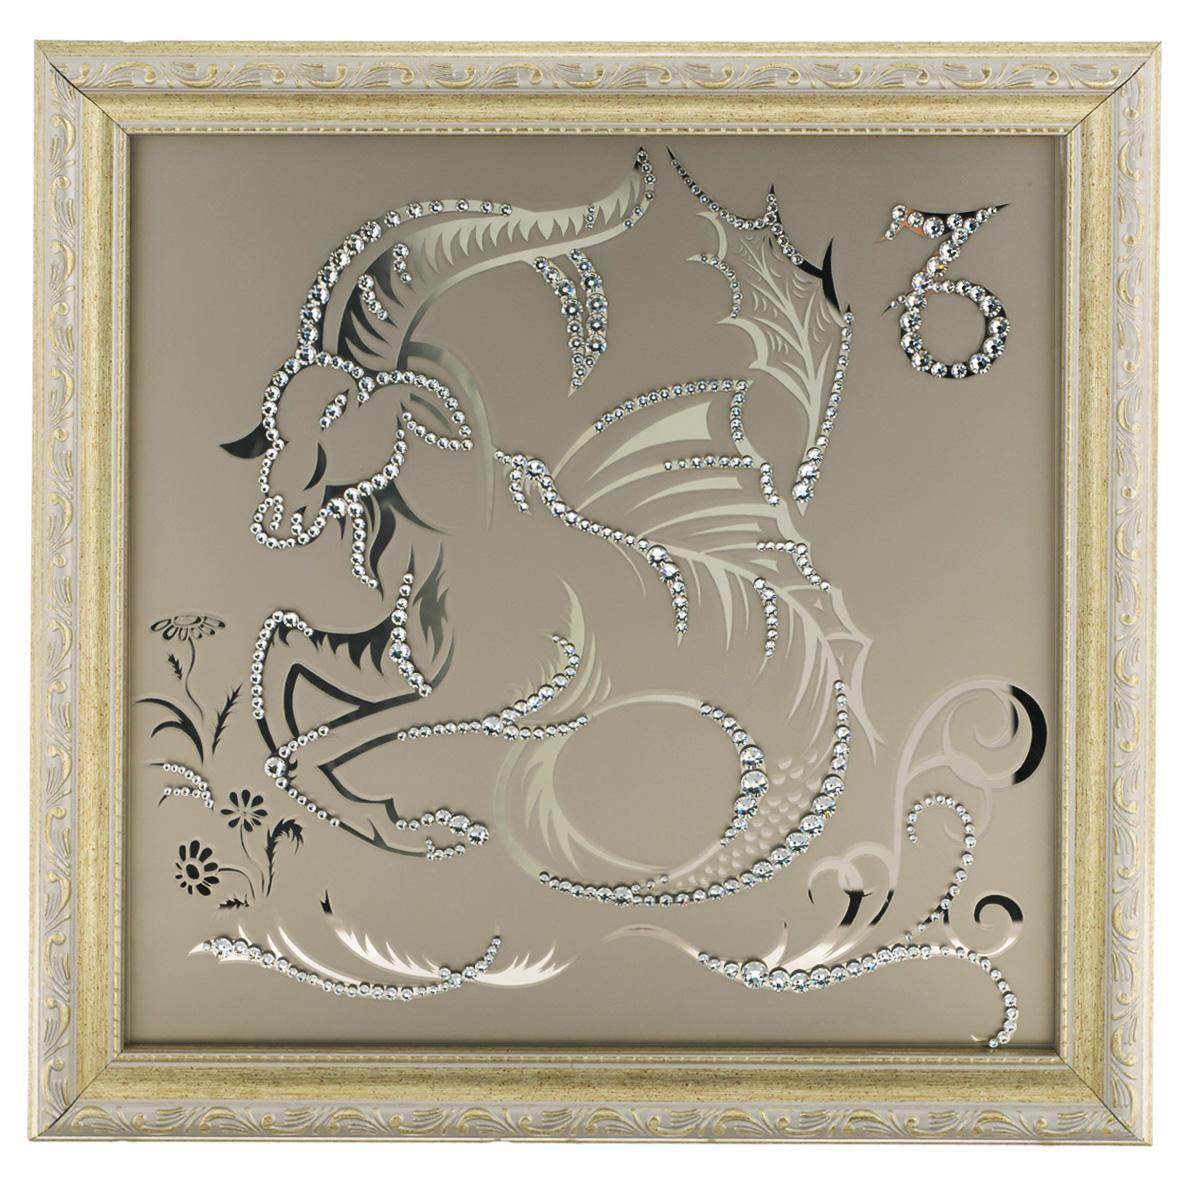 Картина с кристаллами Swarovski Знак зодиака. Козерог, 35 х 35 смRG-D31SИзящная картина в багетной раме, инкрустирована кристаллами Swarovski в виде знака зодиака - Козерог на матовом стекле золотистого цвета. Кристаллы Swarovski отличаются четкой и ровной огранкой, ярким блеском и чистотой цвета. С обратной стороны имеется металлическая проволока для размещения картины на стене. Картина с кристаллами Swarovski Знак зодиака. Козерог элегантно украсит интерьер дома или офиса, а также станет прекрасным подарком, который обязательно понравится получателю. Блеск кристаллов в интерьере, что может быть сказочнее и удивительнее. Картина упакована в подарочную картонную коробку синего цвета и комплектуется сертификатом соответствия Swarovski.